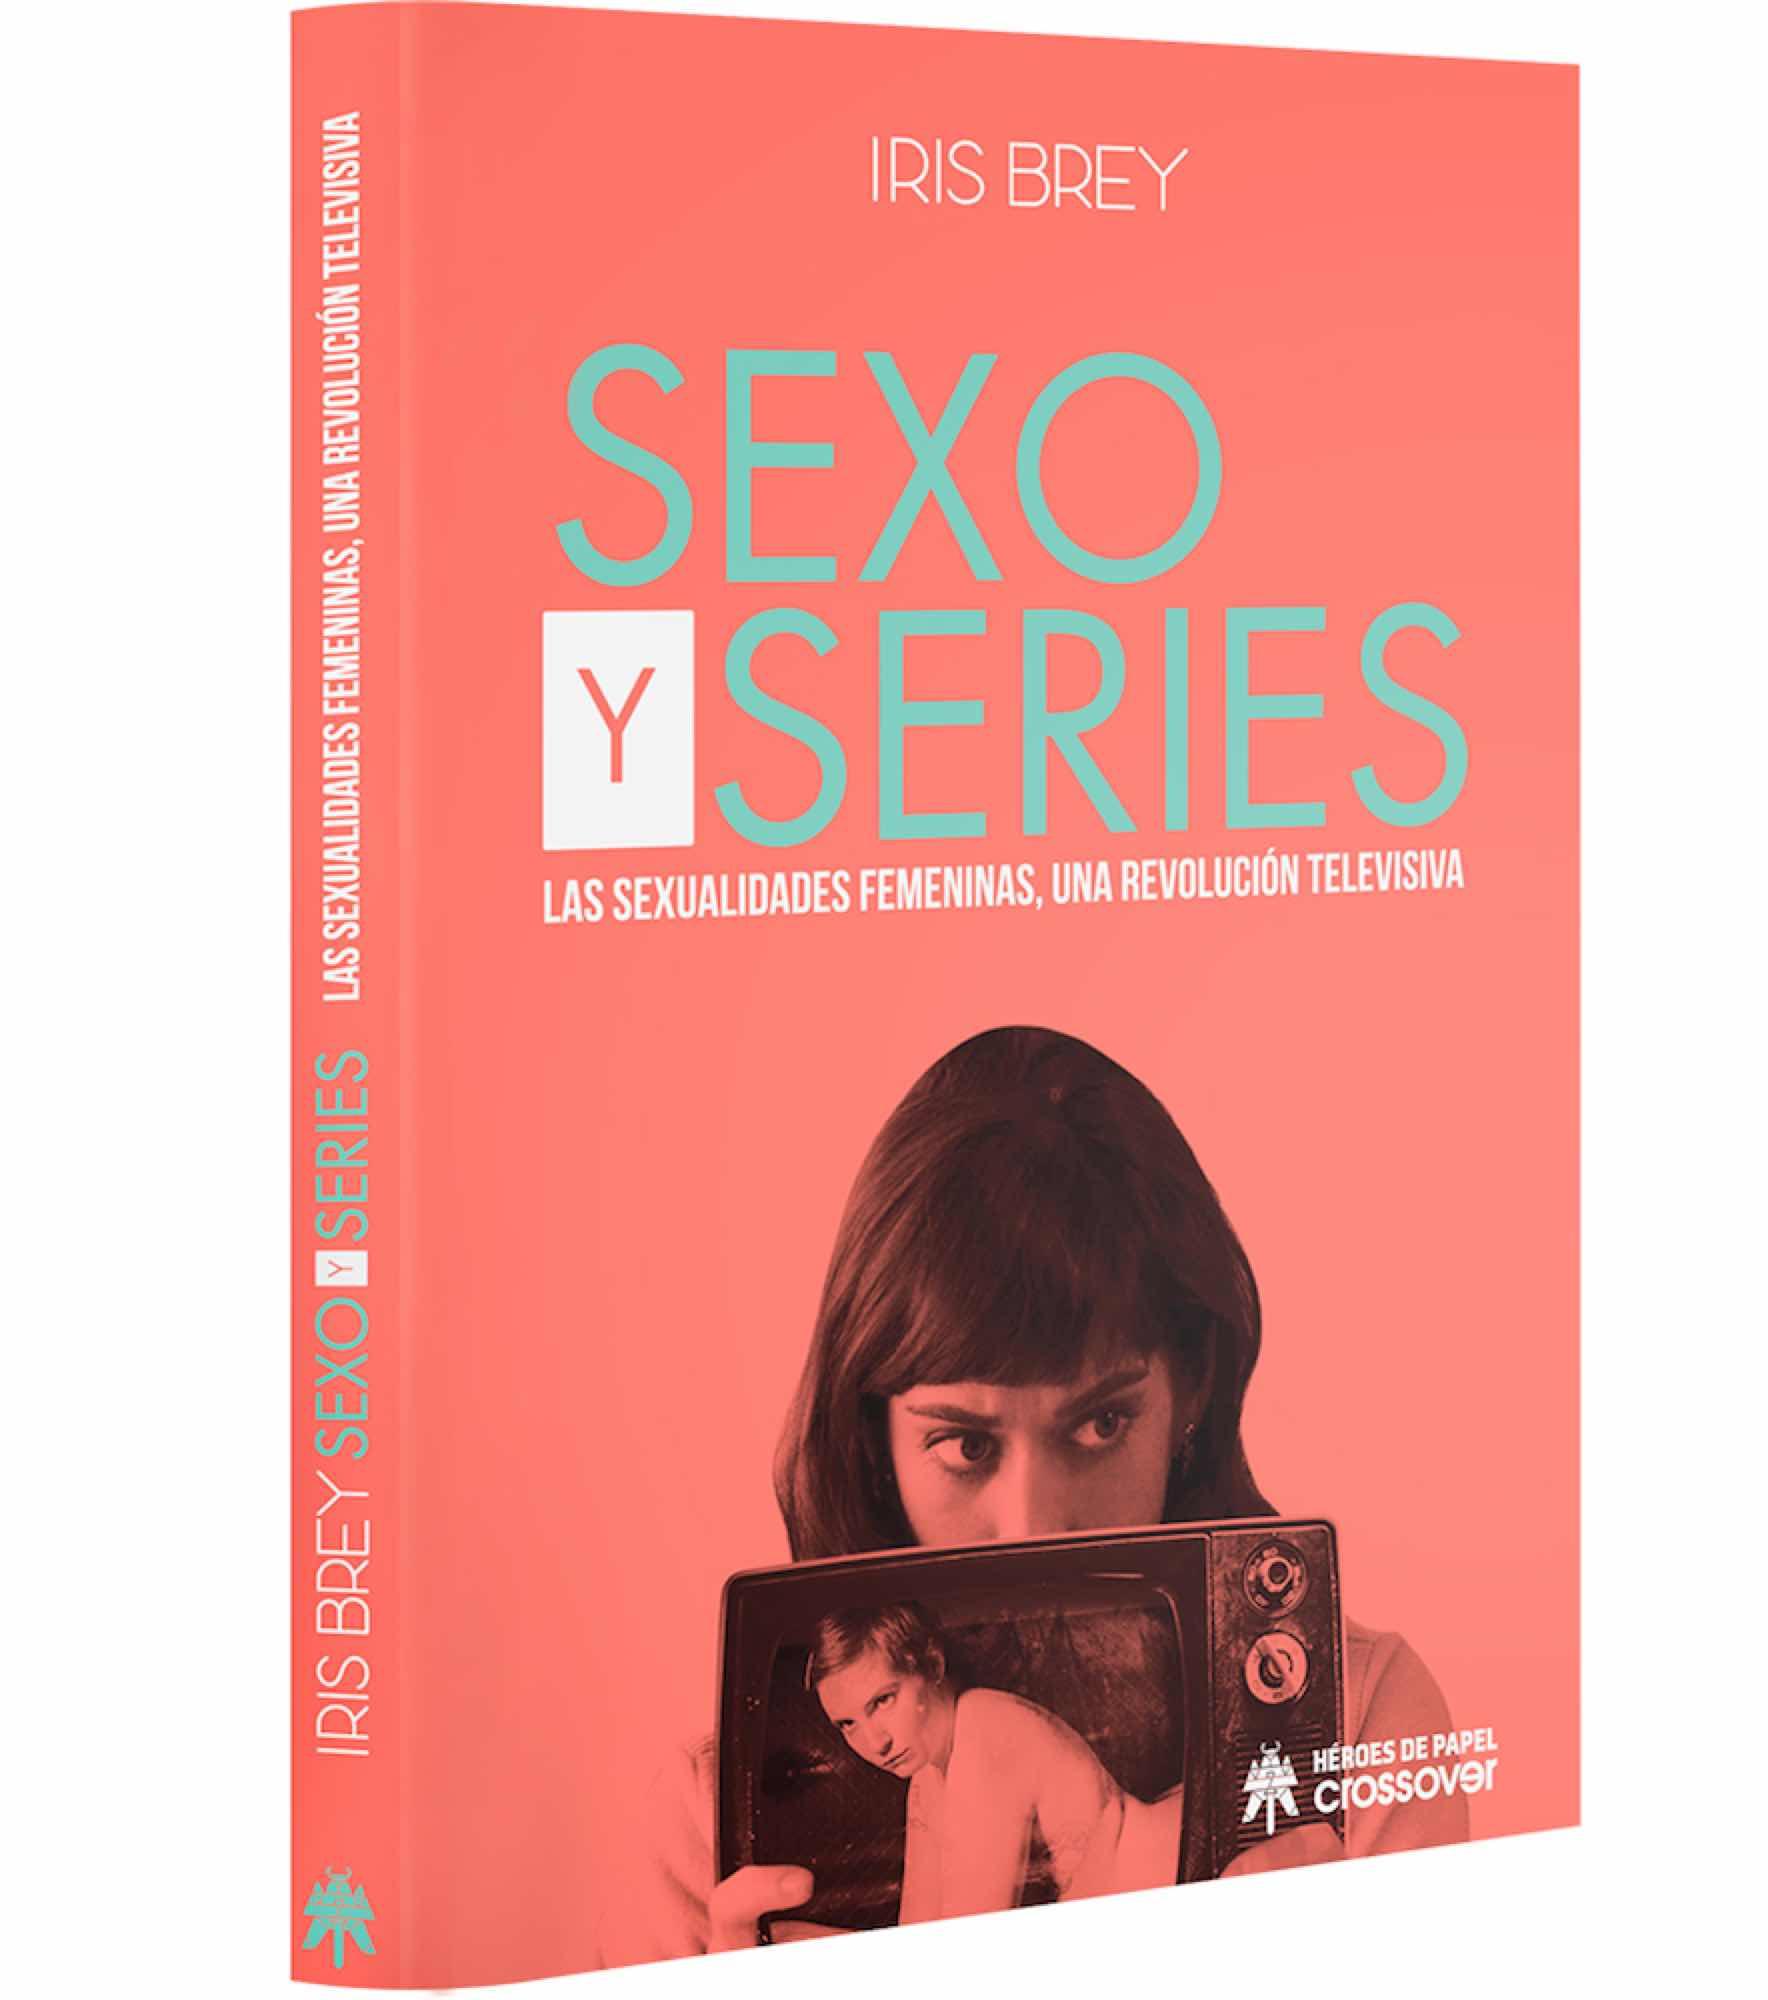 SEXO Y SERIES. LAS SEXUALIDADES FEMENINAS, UNA REVOLUCIÓN TELEVISIVA